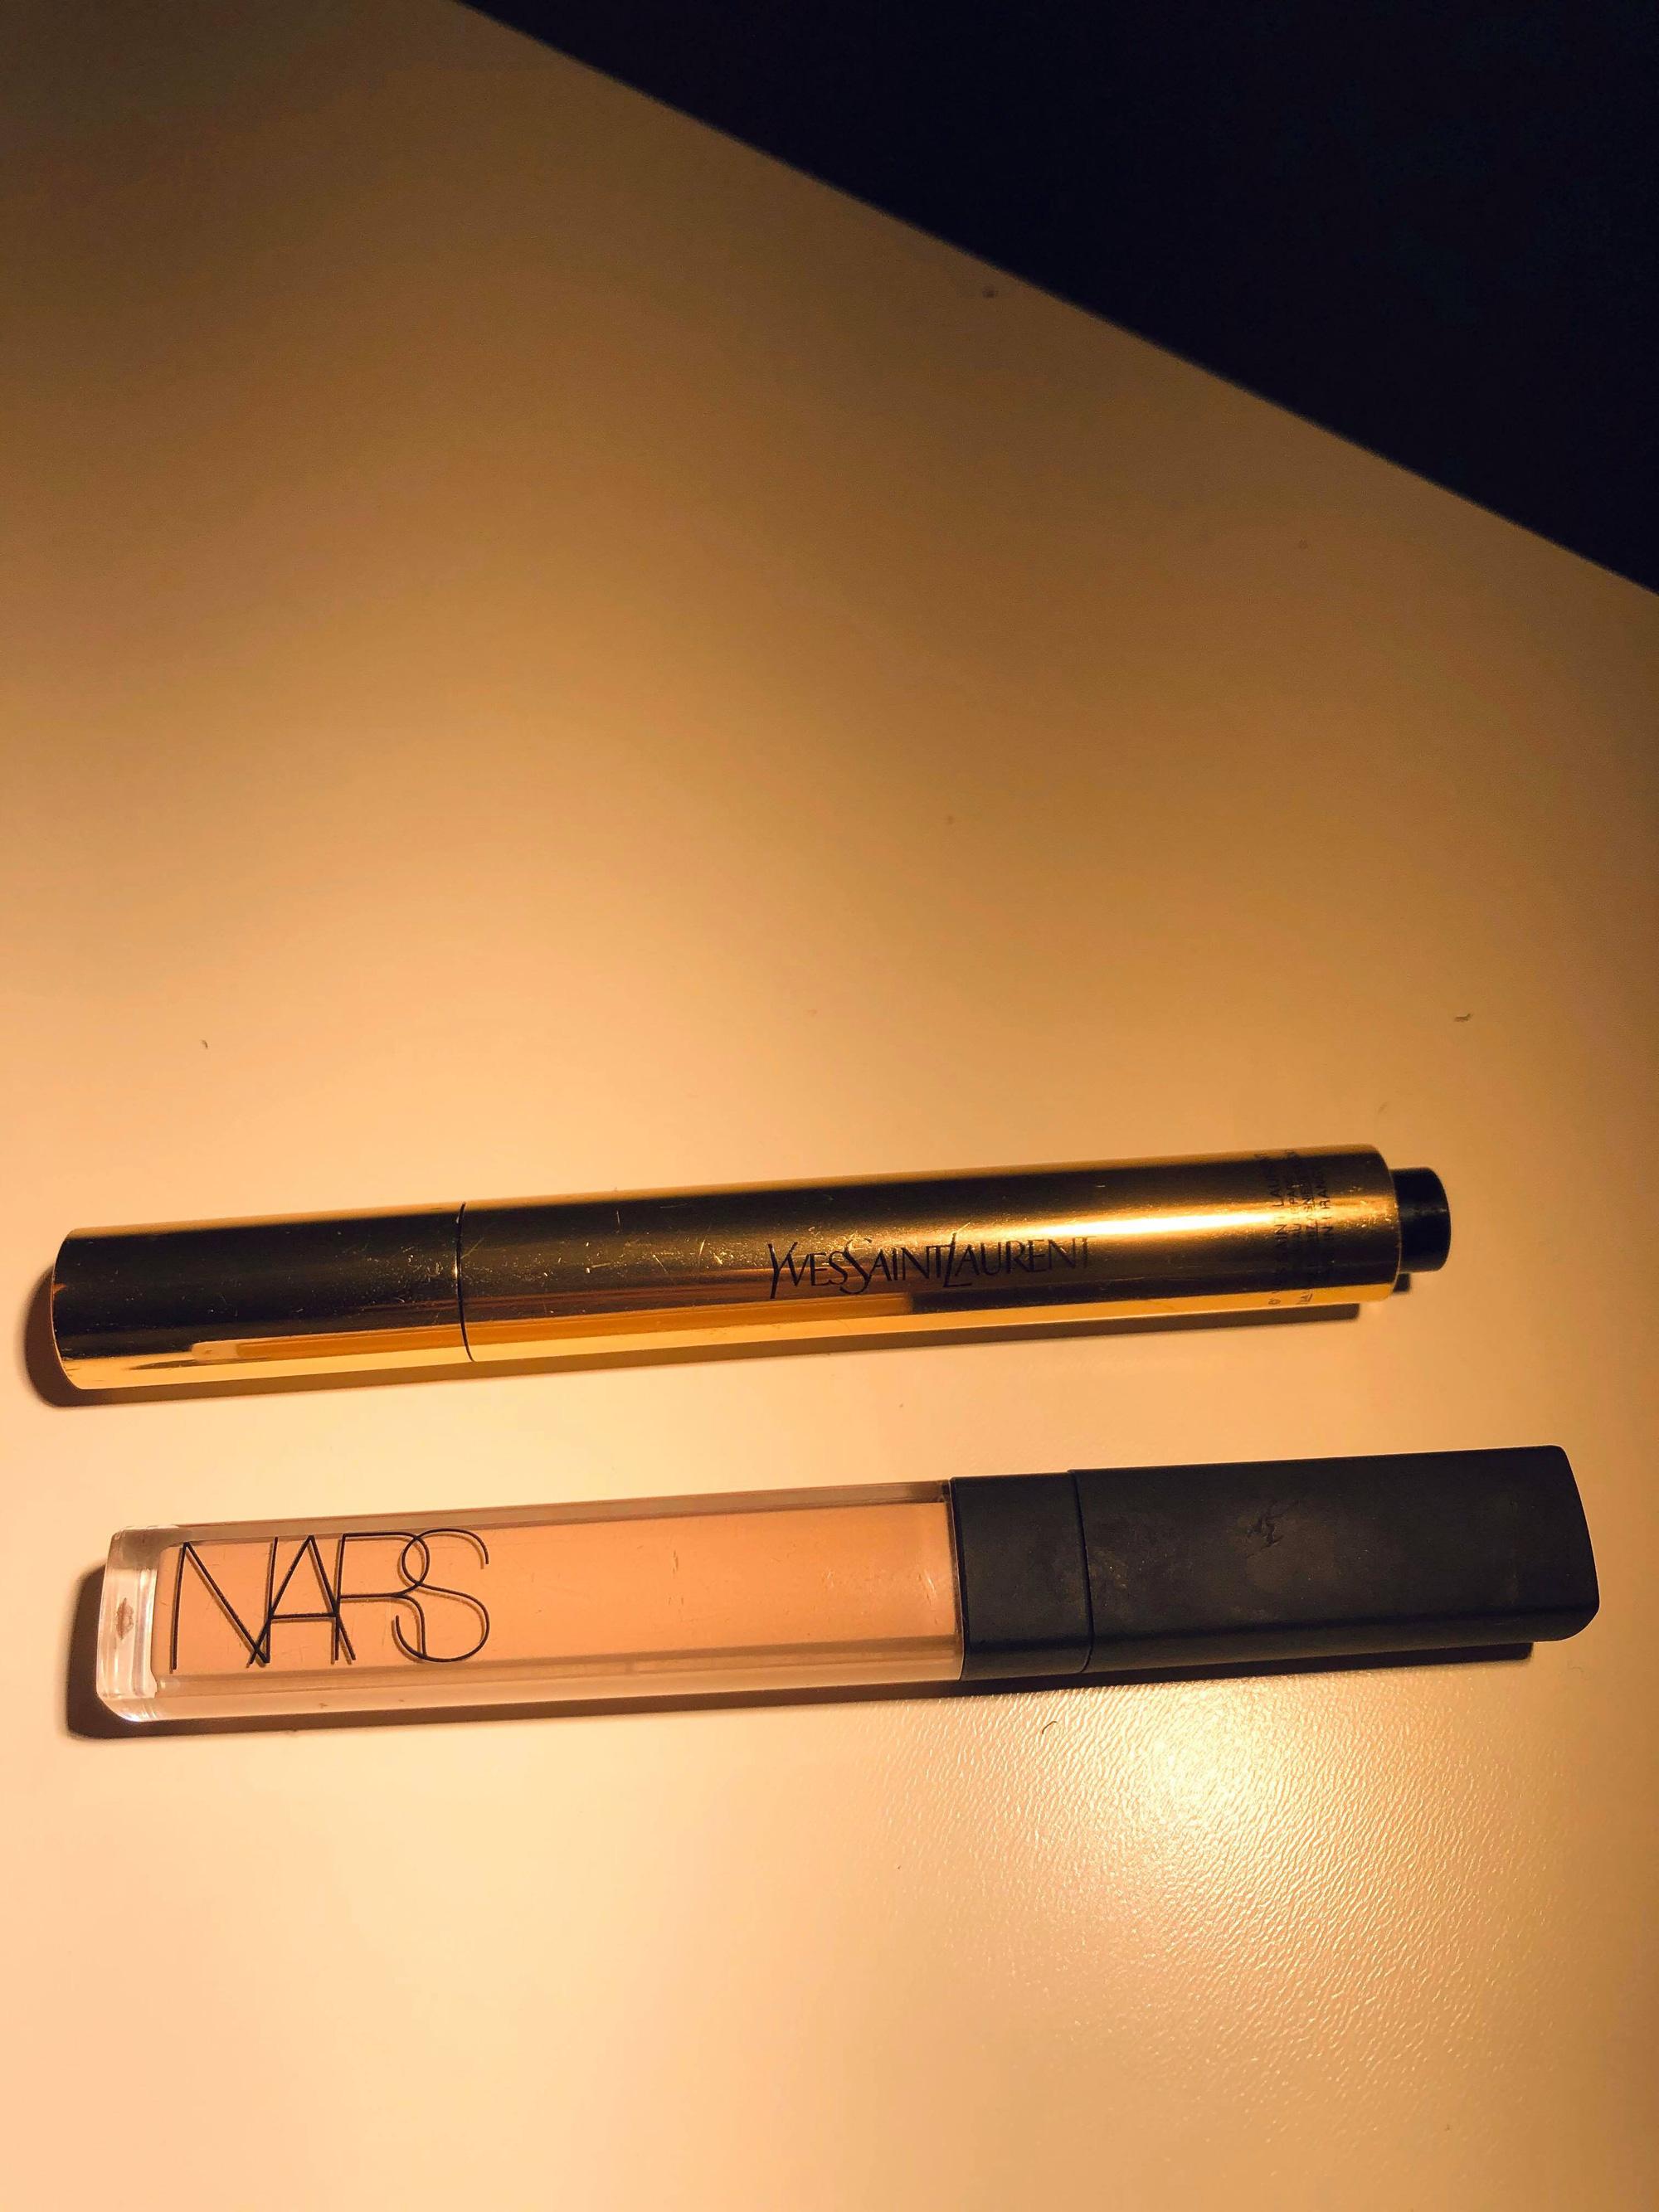 Ngưng dùng kem nền hơn 1 tháng, dùng kem chống nắng thay cho makeup: Cô nàng này thấy da mềm mượt bất ngờ, mụn ẩn giảm rõ rệt - Ảnh 7.